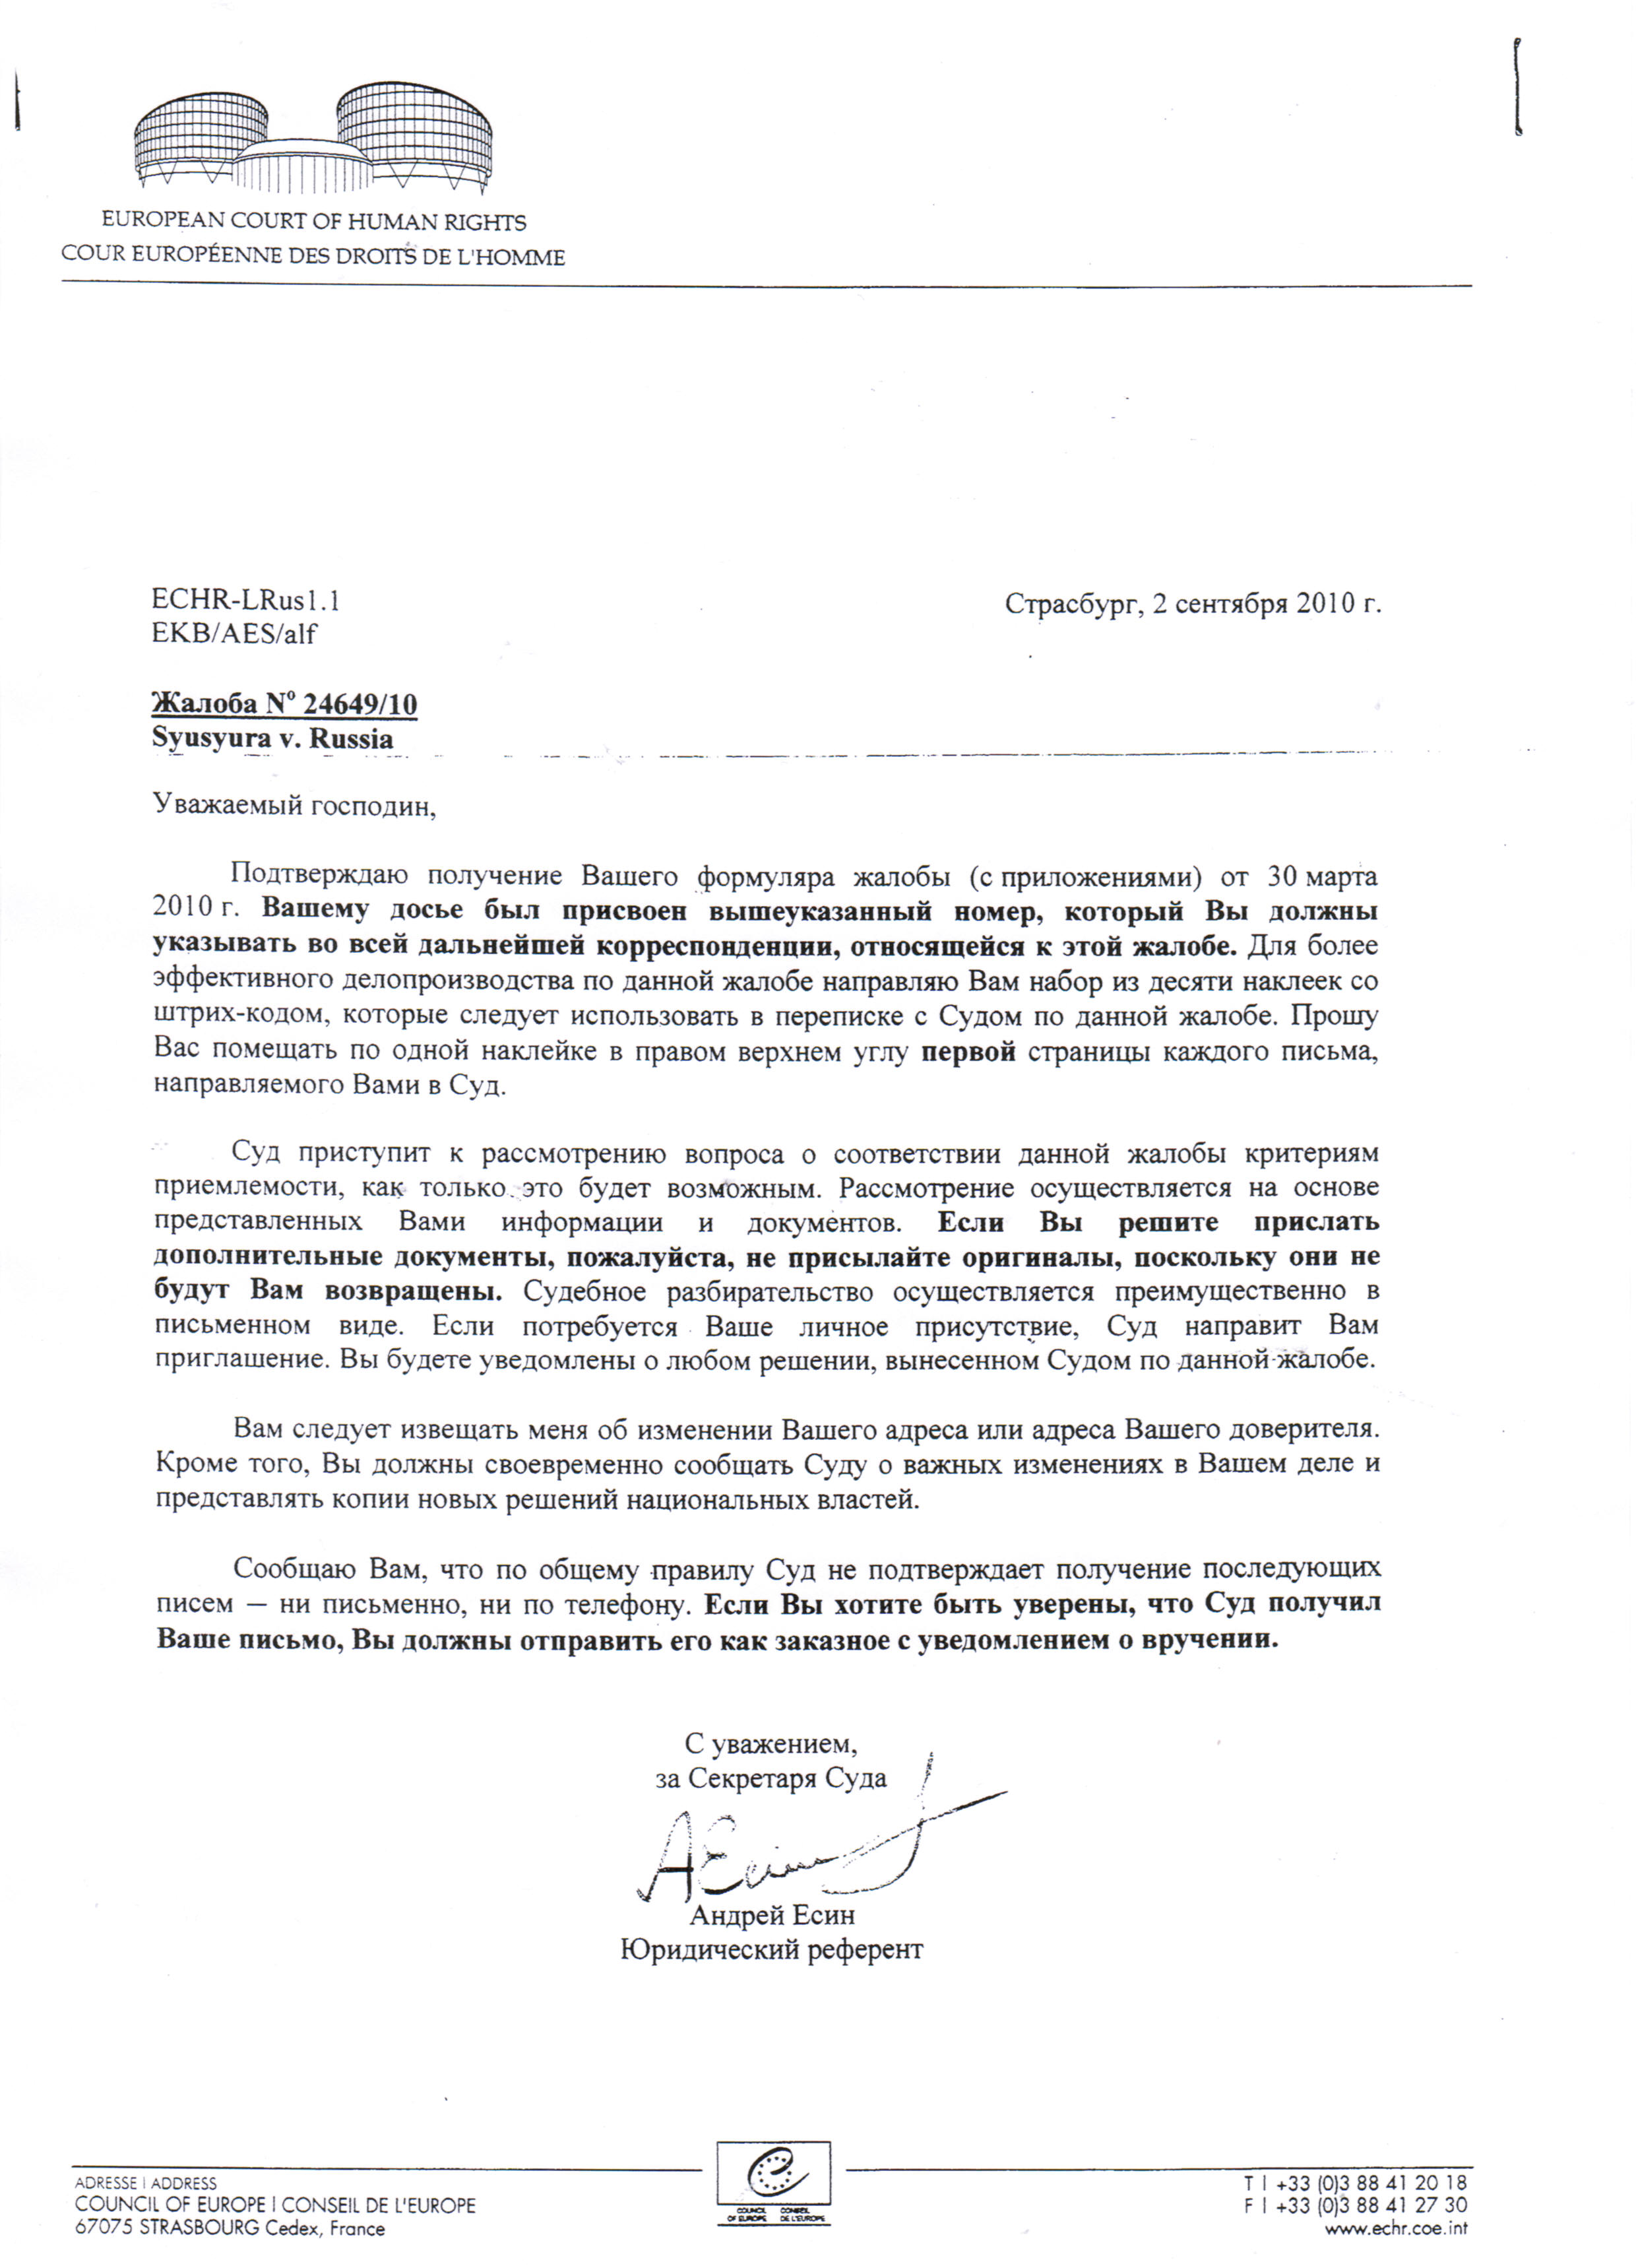 Внесение изменений в устав ООО при смене фамилии учредителя